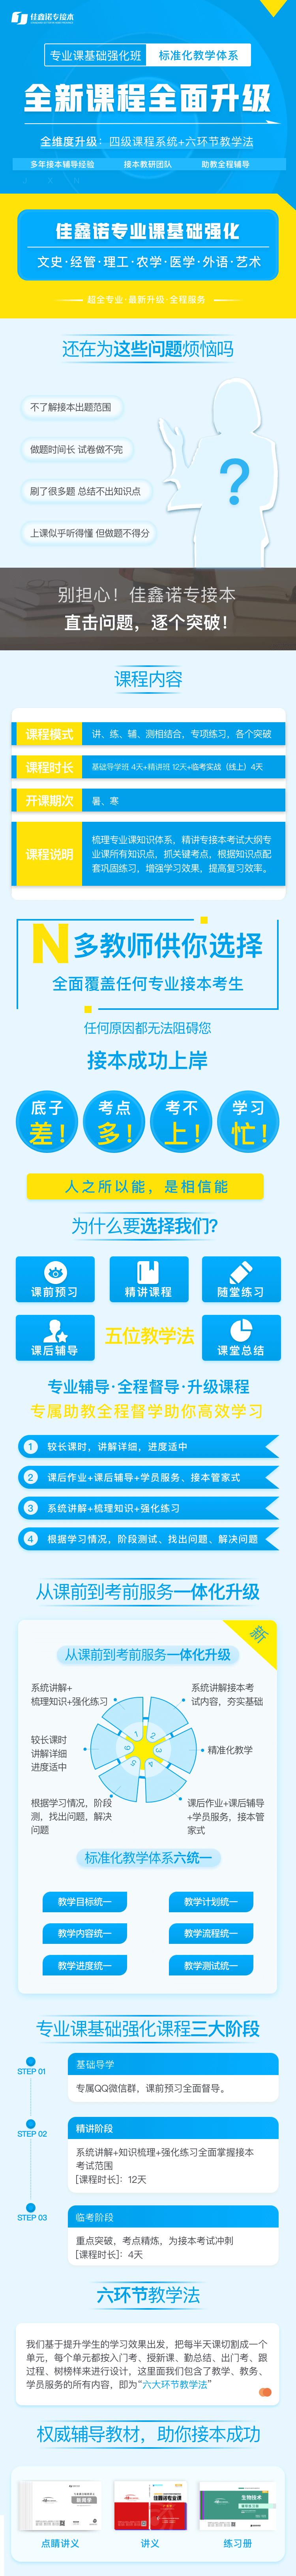 专业课基础强化班备份.png